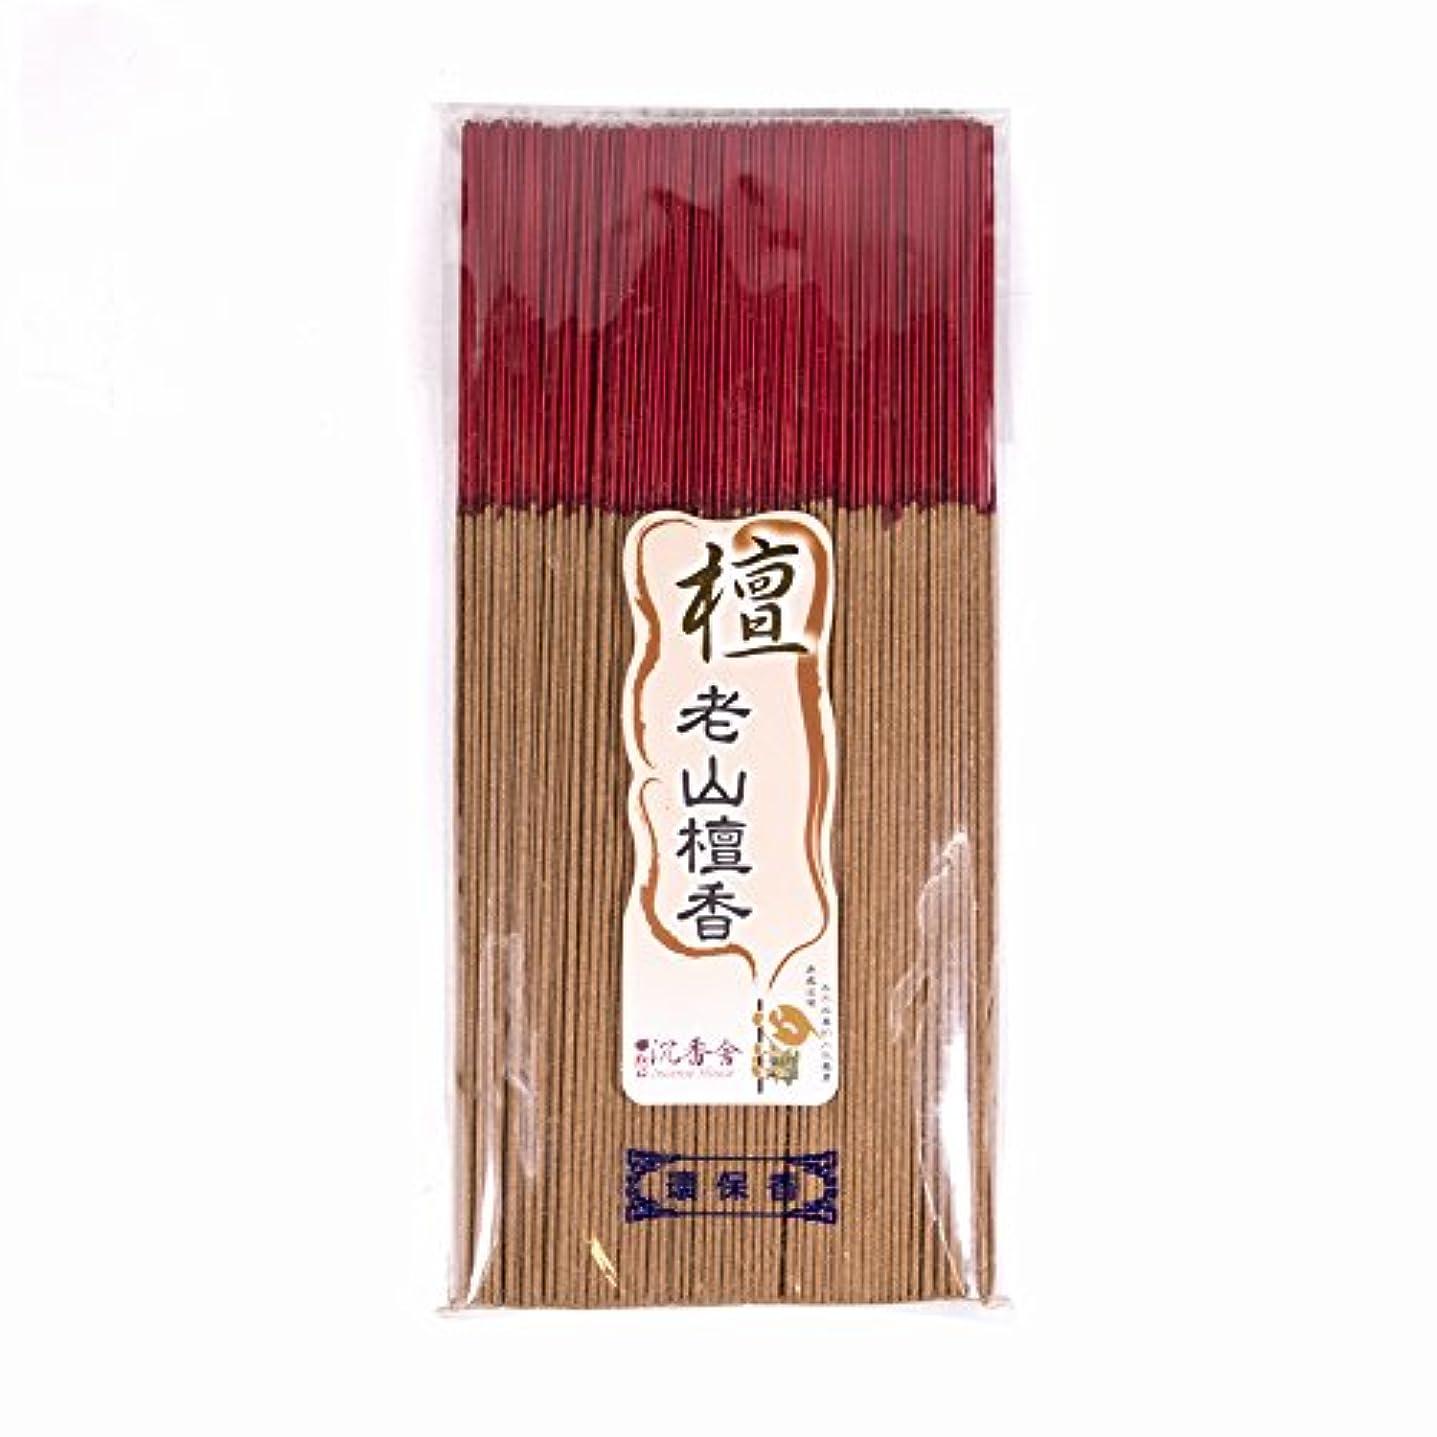 砲兵ドラフト男台湾沉香舍 老山檀香 台湾のお香家 - 檀香 30cm (木支香) 300g 約400本